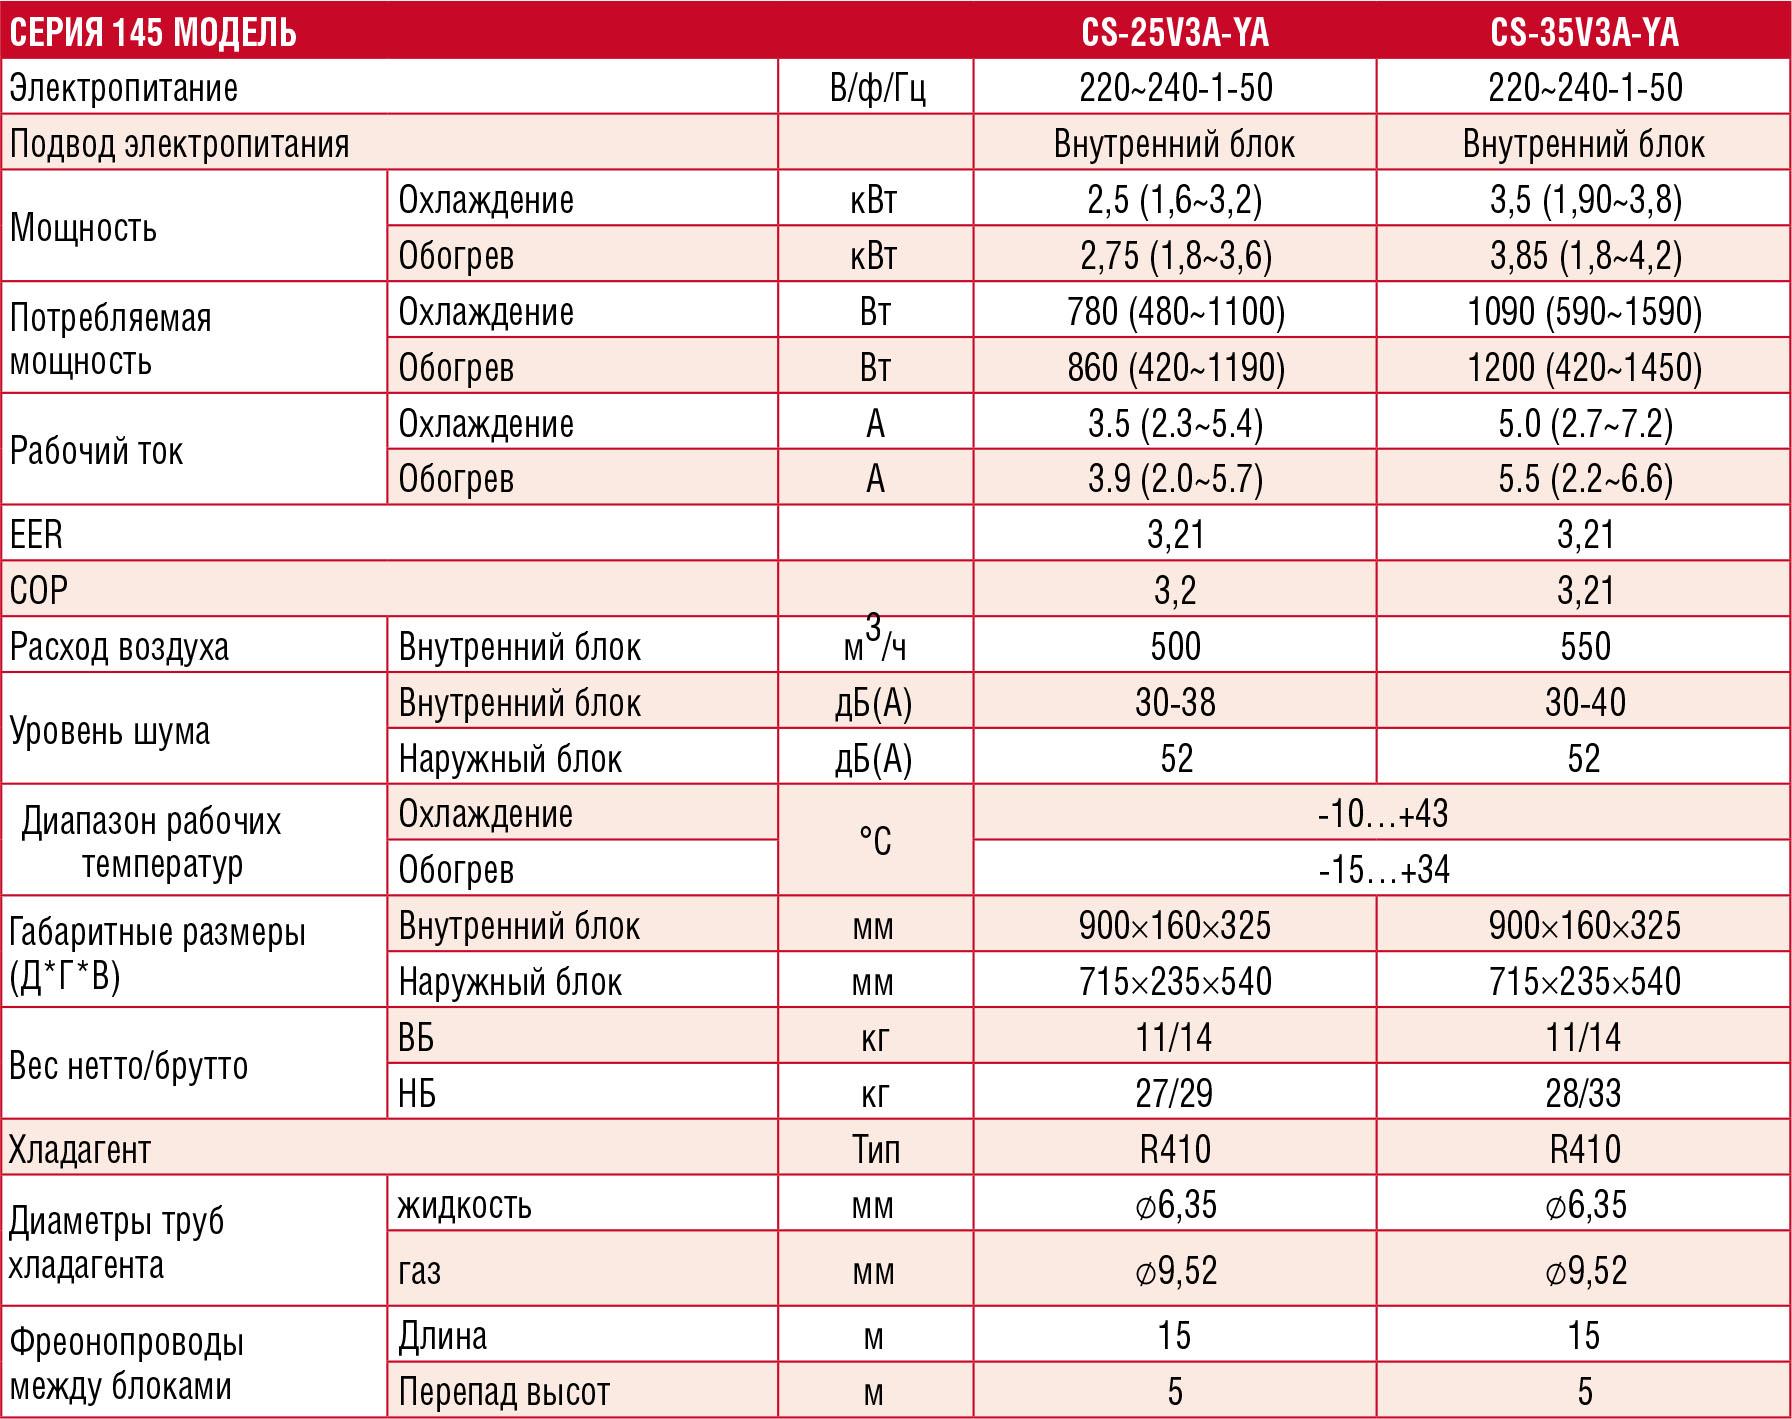 Технические характеристики кондиционера Chigo CS-25V3A-YA188